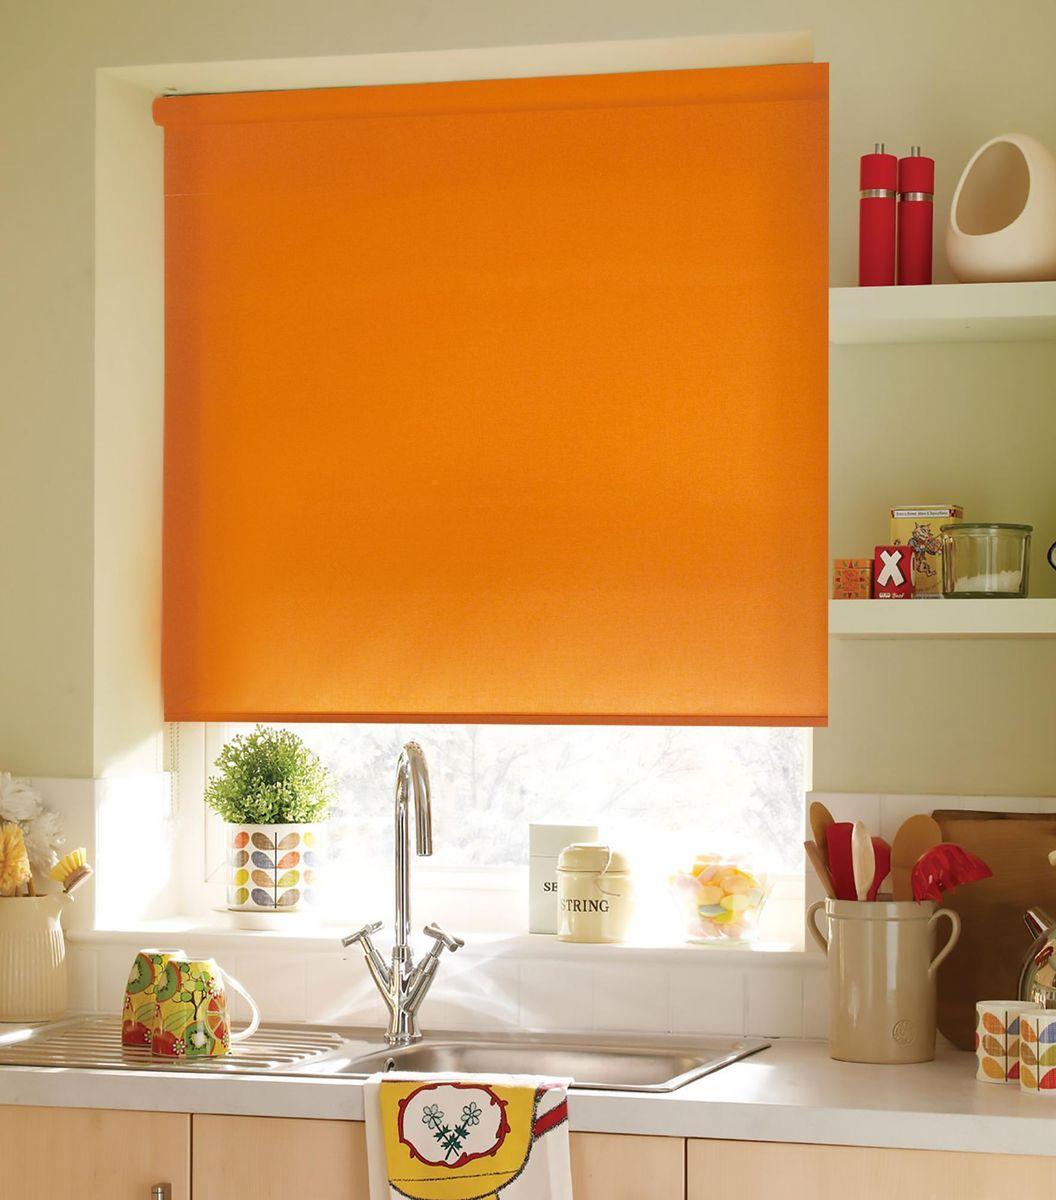 Штора рулонная Эскар, цвет: апельсиновый, ширина 160 см, высота 170 см81203160170Рулонными шторами можно оформлять окна как самостоятельно, так и использовать в комбинации с портьерами. Это поможет предотвратить выгорание дорогой ткани на солнце и соединит функционал рулонных с красотой навесных. Преимущества применения рулонных штор для пластиковых окон: - имеют прекрасный внешний вид: многообразие и фактурность материала изделия отлично смотрятся в любом интерьере; - многофункциональны: есть возможность подобрать шторы способные эффективно защитить комнату от солнца, при этом о на не будет слишком темной. - Есть возможность осуществить быстрый монтаж. ВНИМАНИЕ! Размеры ширины изделия указаны по ширине ткани! Во время эксплуатации не рекомендуется полностью разматывать рулон, чтобы не оторвать ткань от намоточного вала. В случае загрязнения поверхности ткани, чистку шторы проводят одним из способов, в зависимости от типа загрязнения: легкое поверхностное загрязнение можно удалить при помощи...